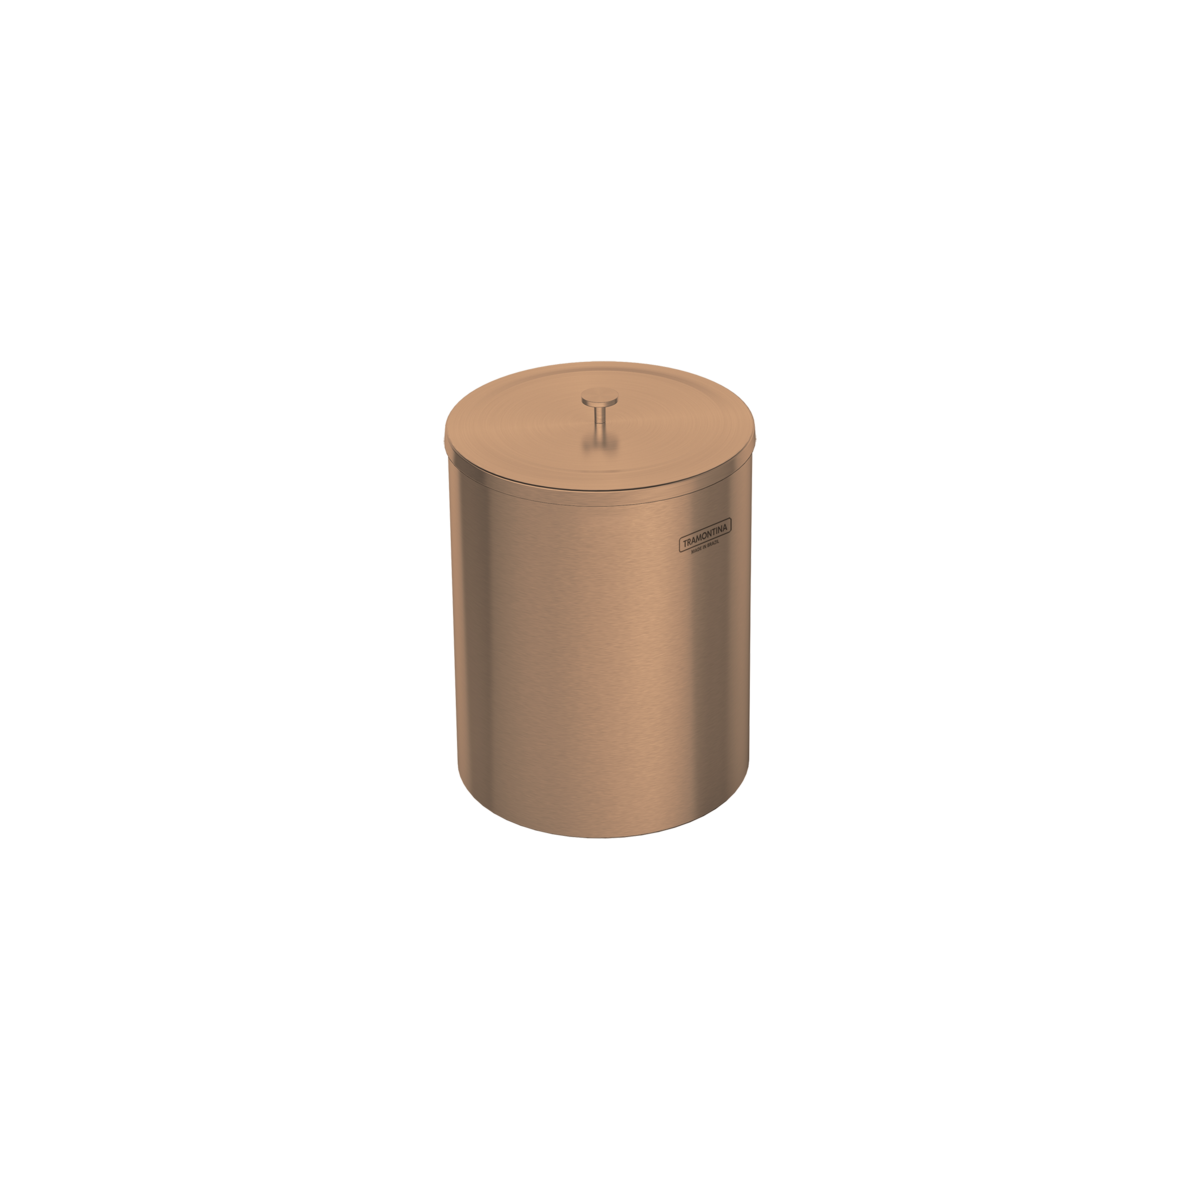 Lixeira Tramontina Útil 94540/053 em Aço Inox Scotch Brite com Revestimento a Base de Verniz Rose Gold 5 L  - Casa Mattos